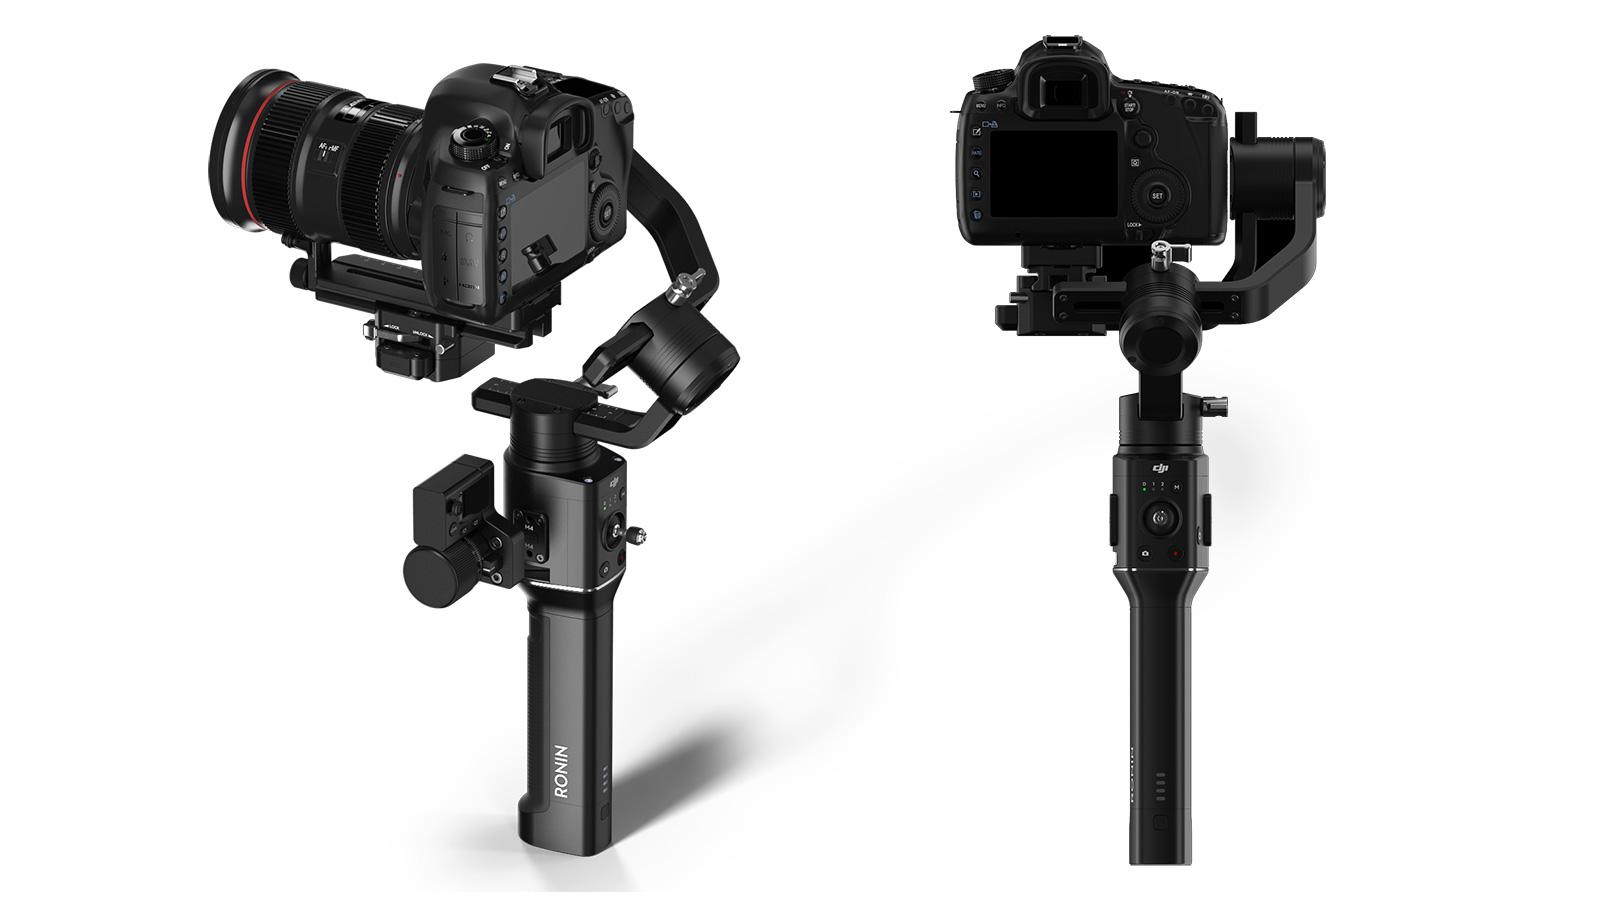 DJI también tiene un estabilizador para cámaras DSLR